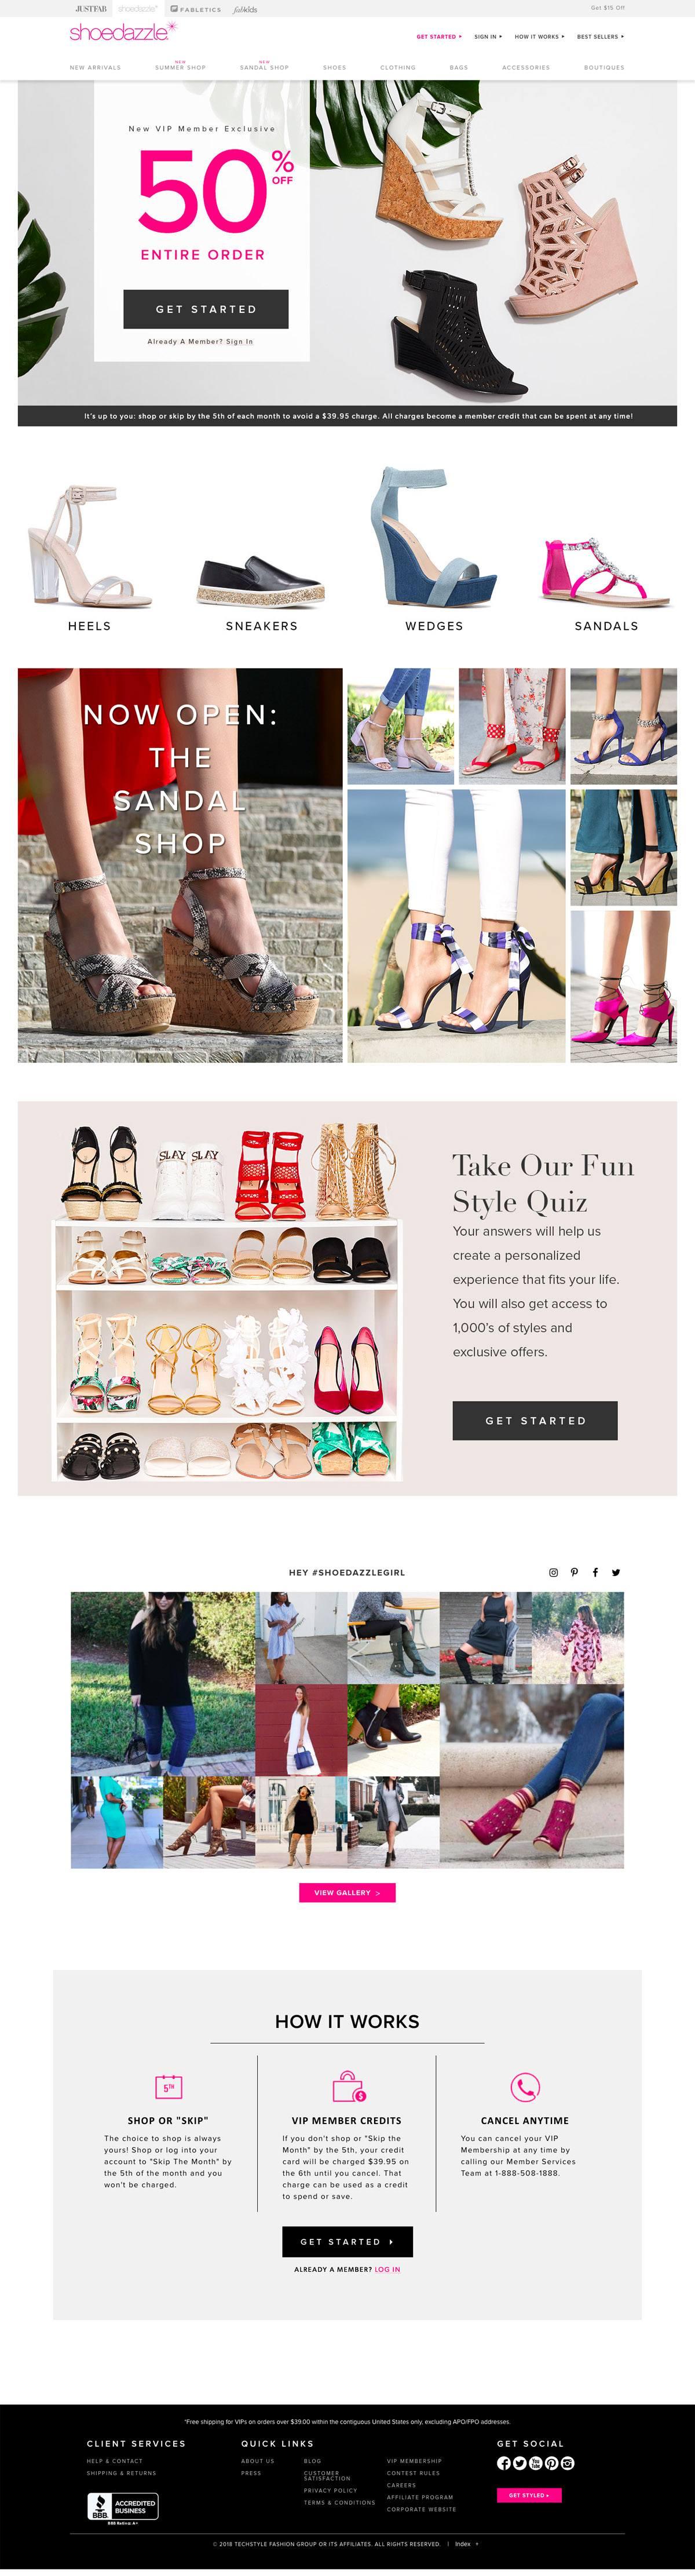 eCommerce website: ShoeDazzle